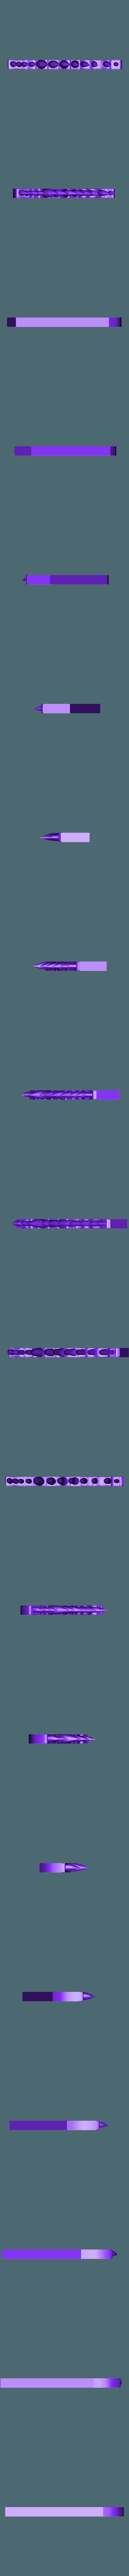 """devidoir_t-rex_dent_b01.STL Télécharger fichier STL gratuit Dévidoir à scotch """"Monsteranimal T-Rex"""" • Modèle imprimable en 3D, Tibe-Design"""